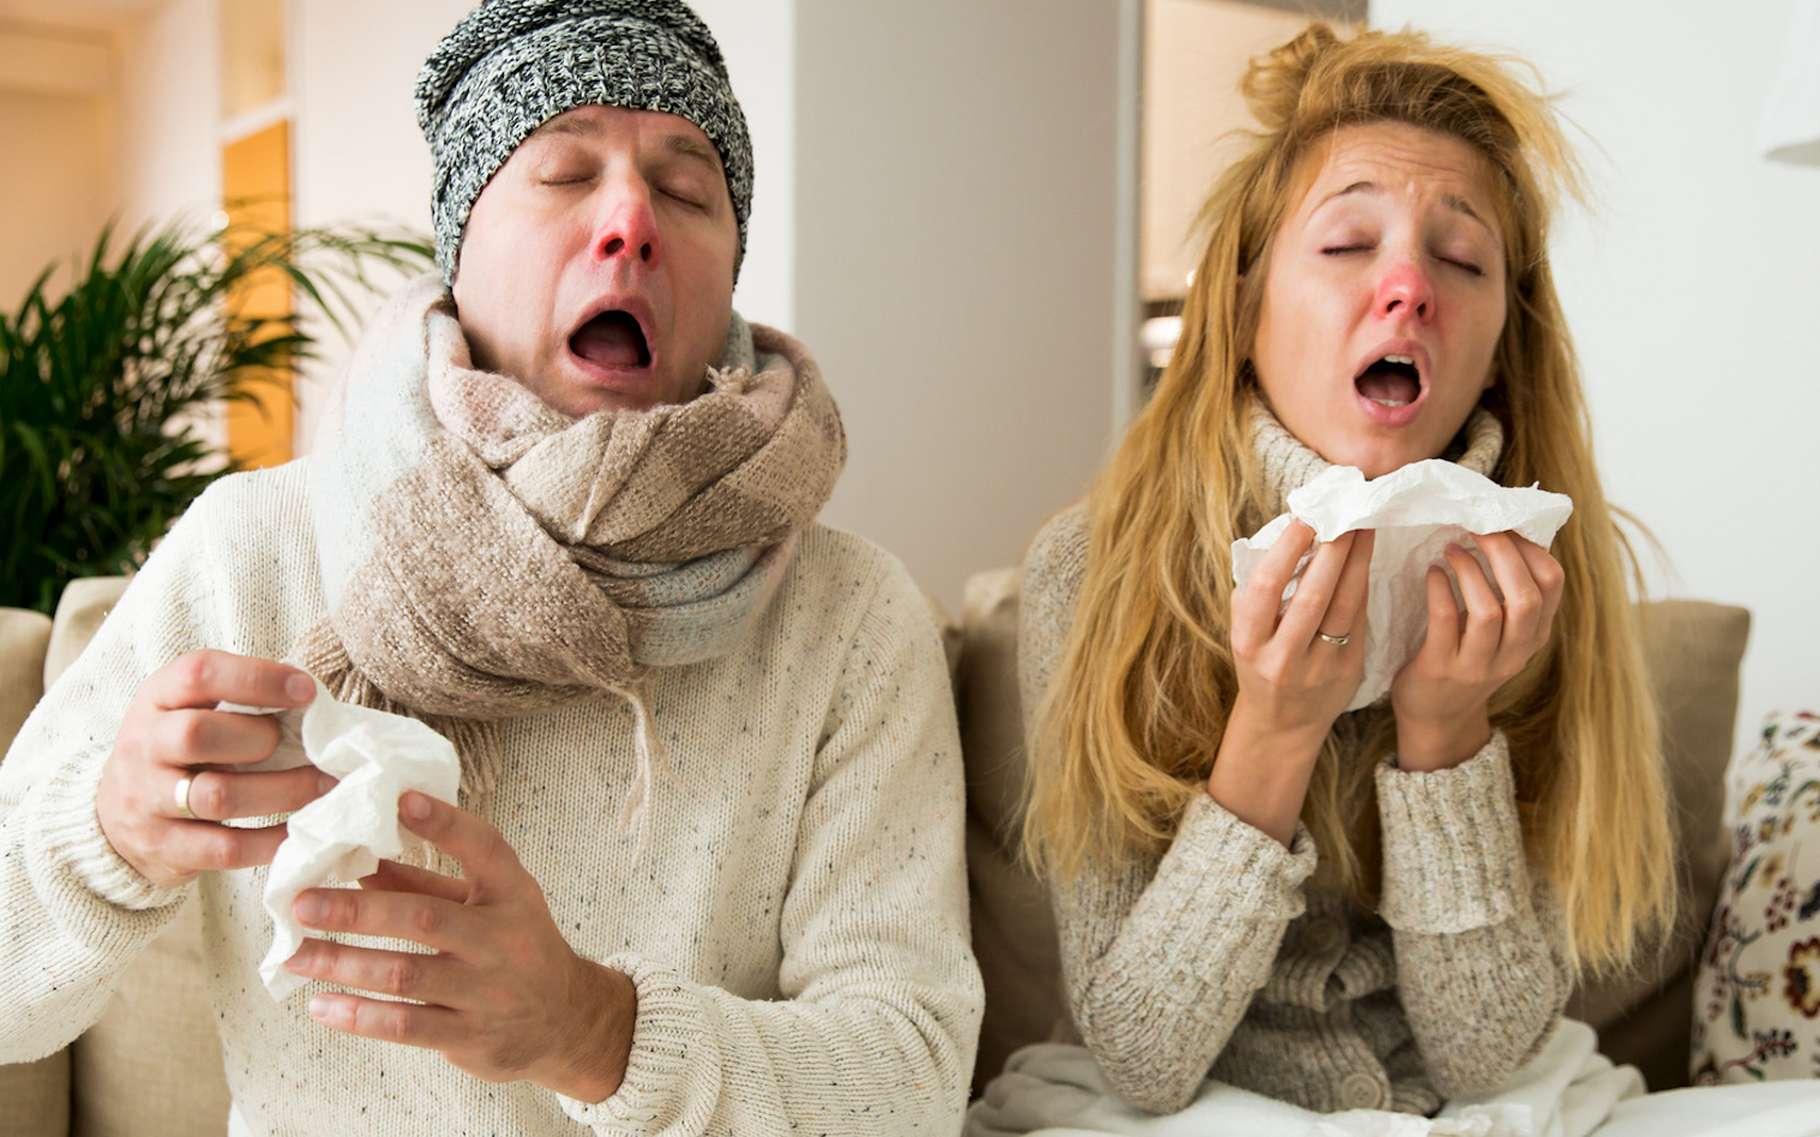 Des chercheurs ont établi un lien entre les bactéries qui vivent dans notre nez et dans notre gorge ainsi que notre sensibilité au virus de la grippe. © ladysuzy, Fotolia